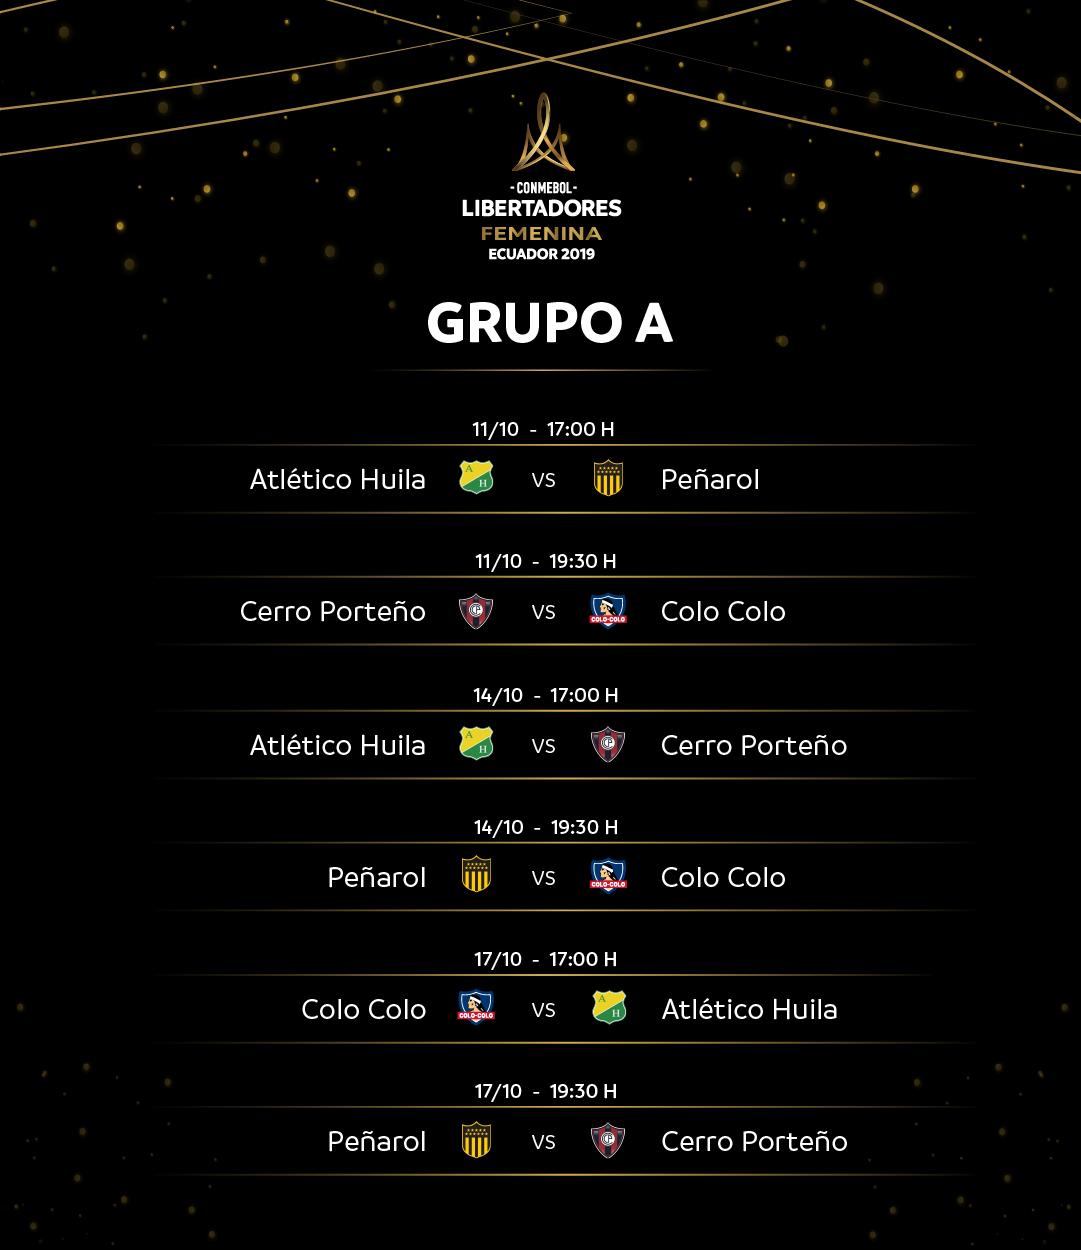 Grupo A - Libertadores Feminina